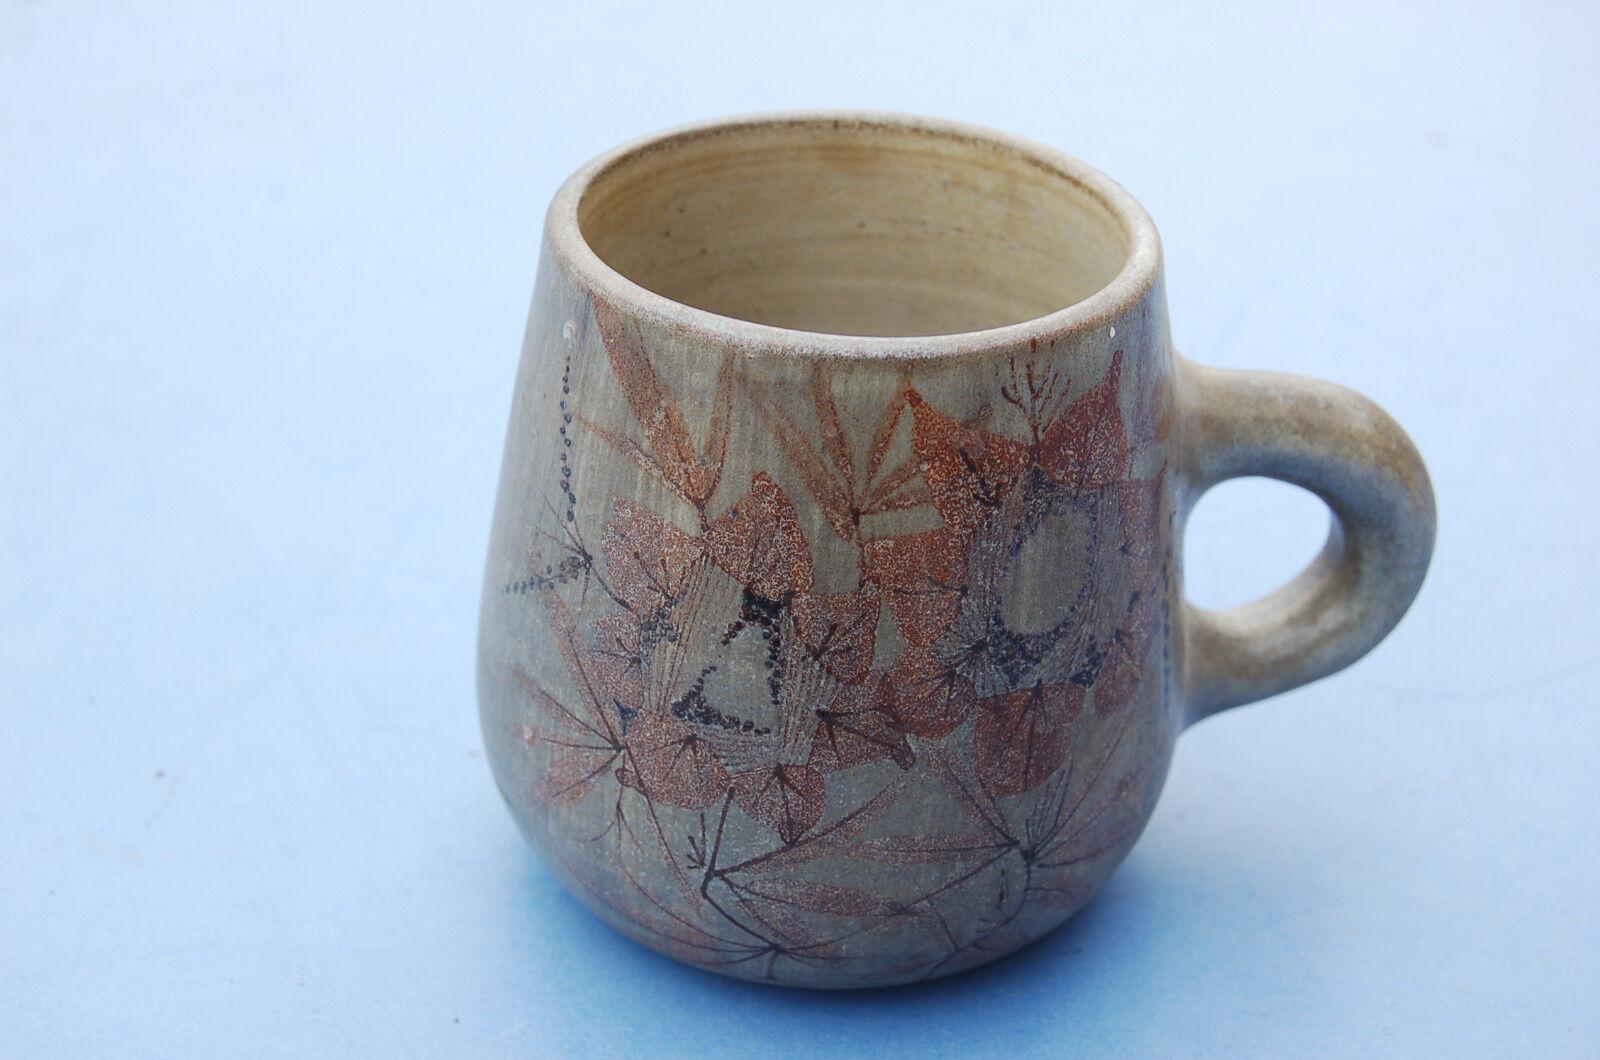 Angebot Antik Becher Tasse Original - Vintage - Signiert D.B | Feine Verarbeitung